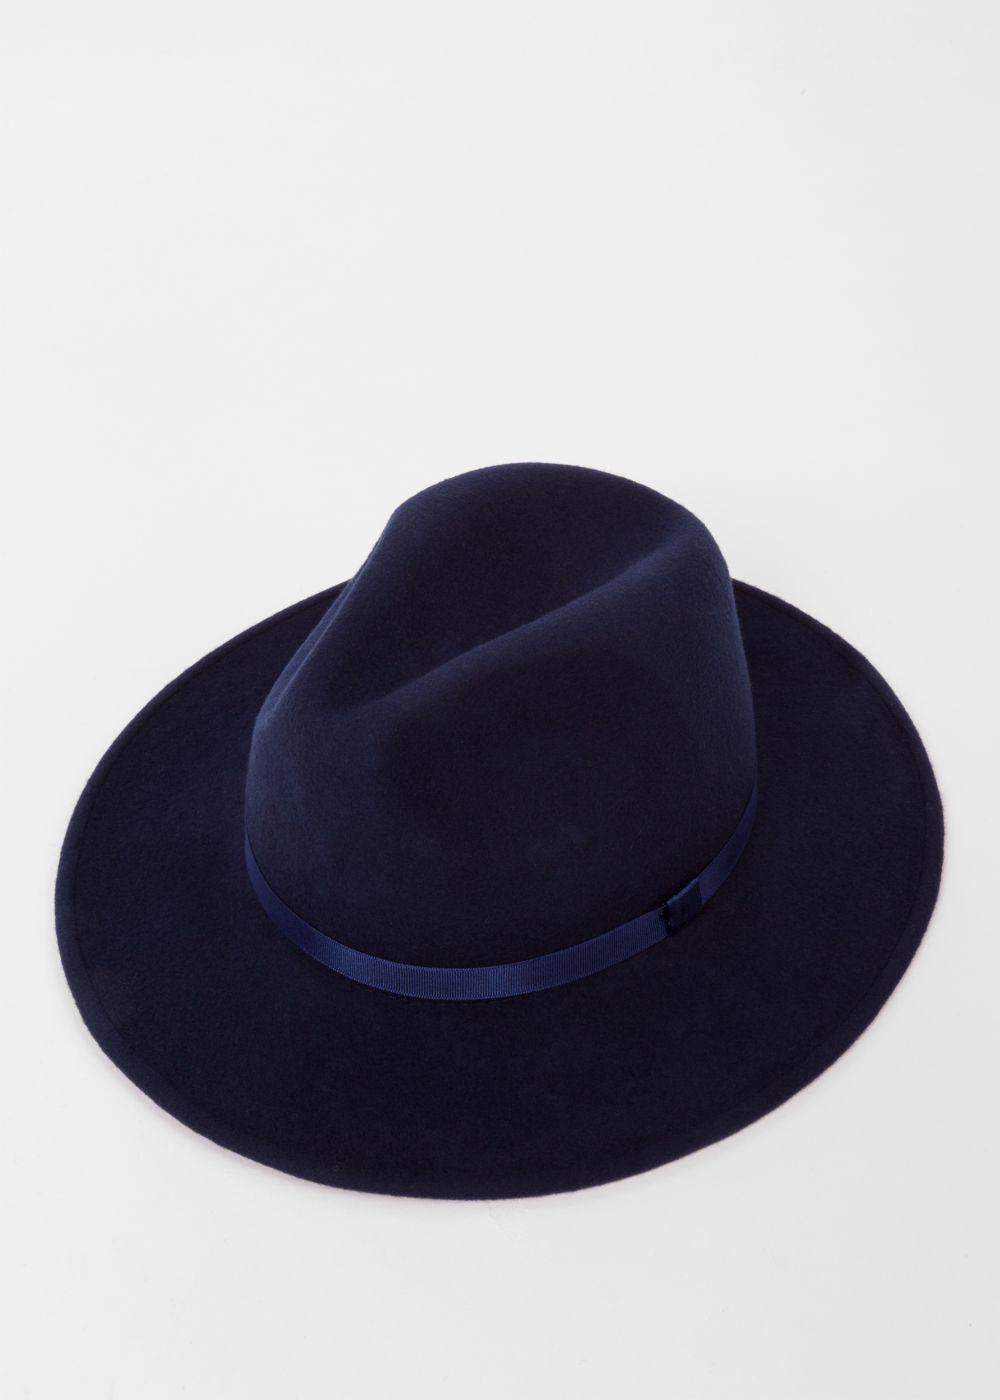 21c62d2a8c Chapeau Fedora Femme Bleu Marine En Laine | A C C E S S O I R E S